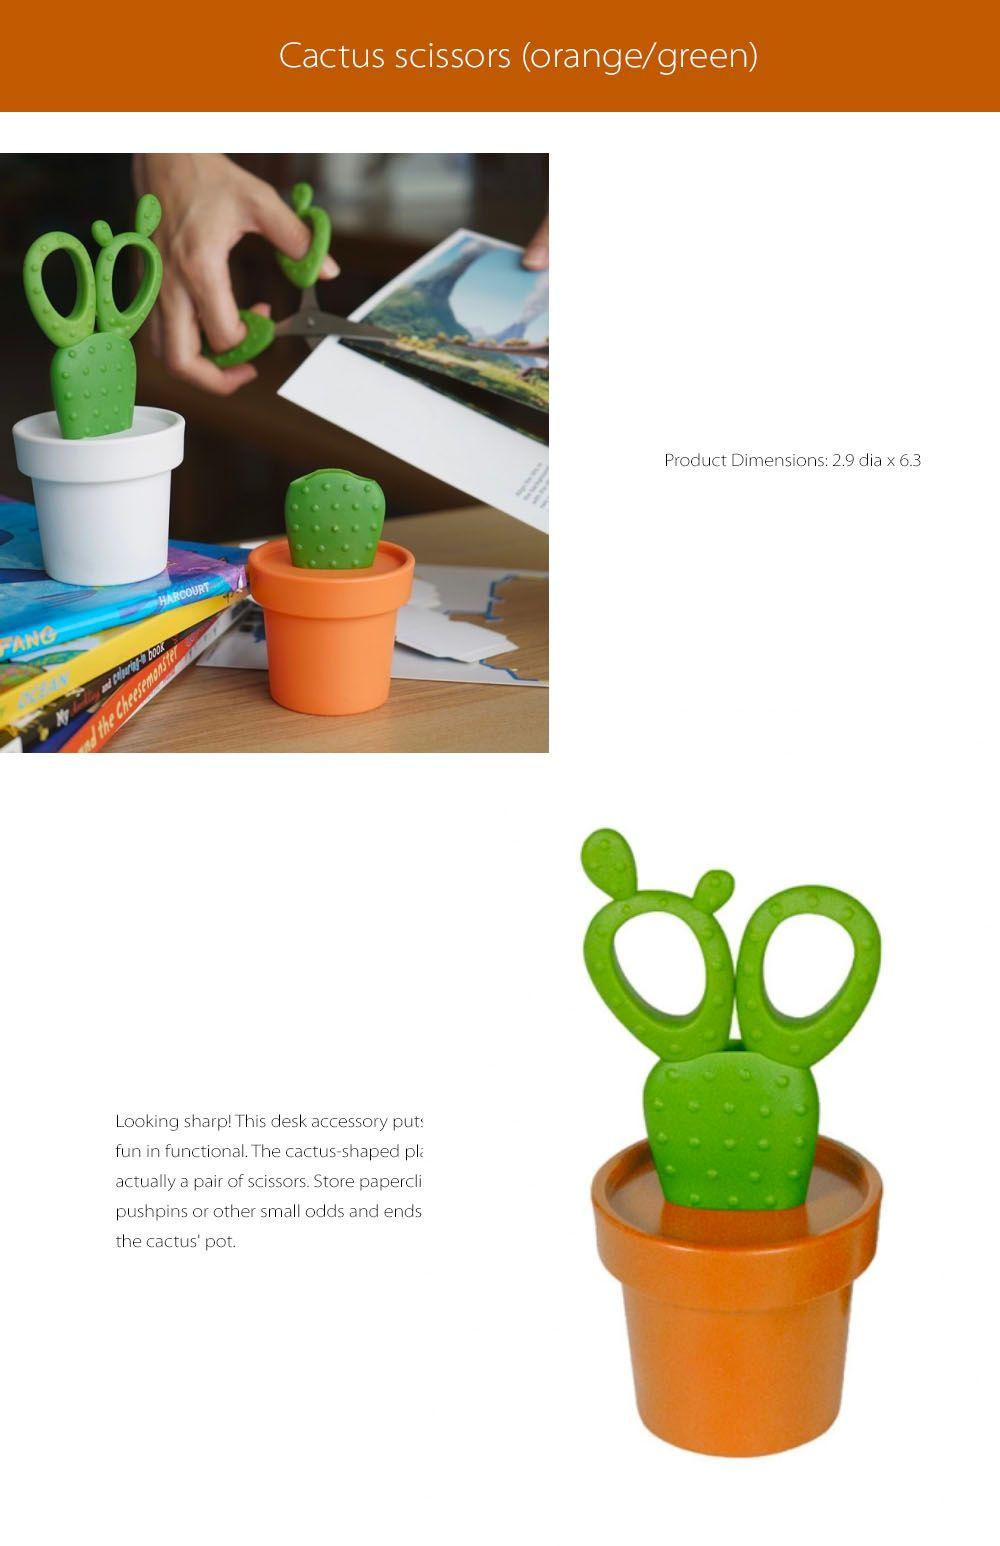 Cactus Scissors Fun and Functional